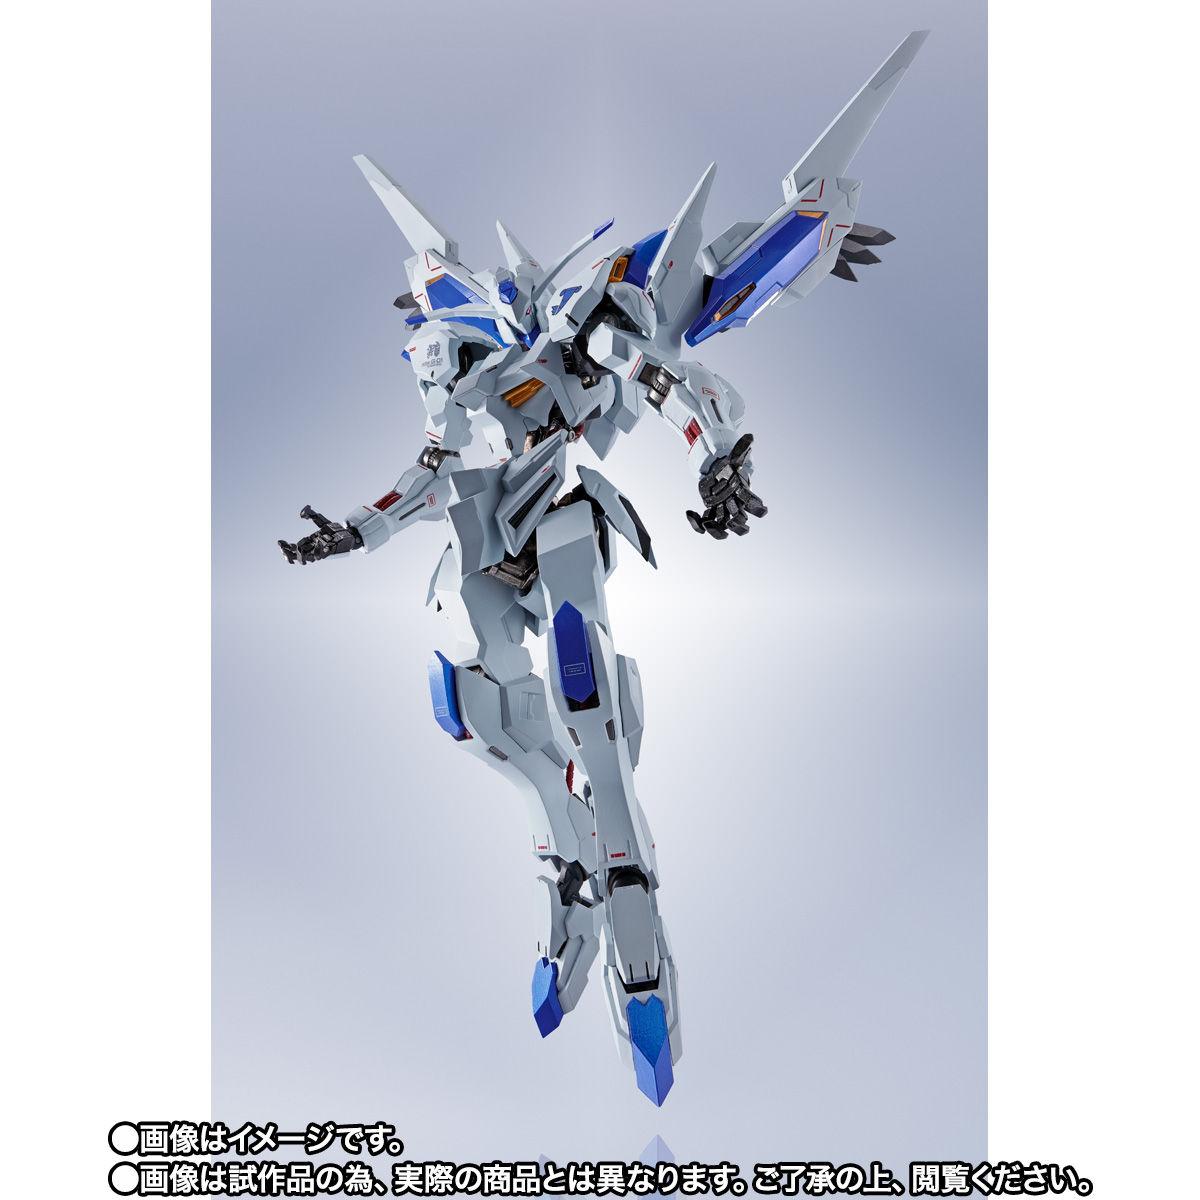 【限定販売】METAL ROBOT魂〈SIDE MS〉『ガンダムバエル』鉄血のオルフェンズ 可動フィギュア-005